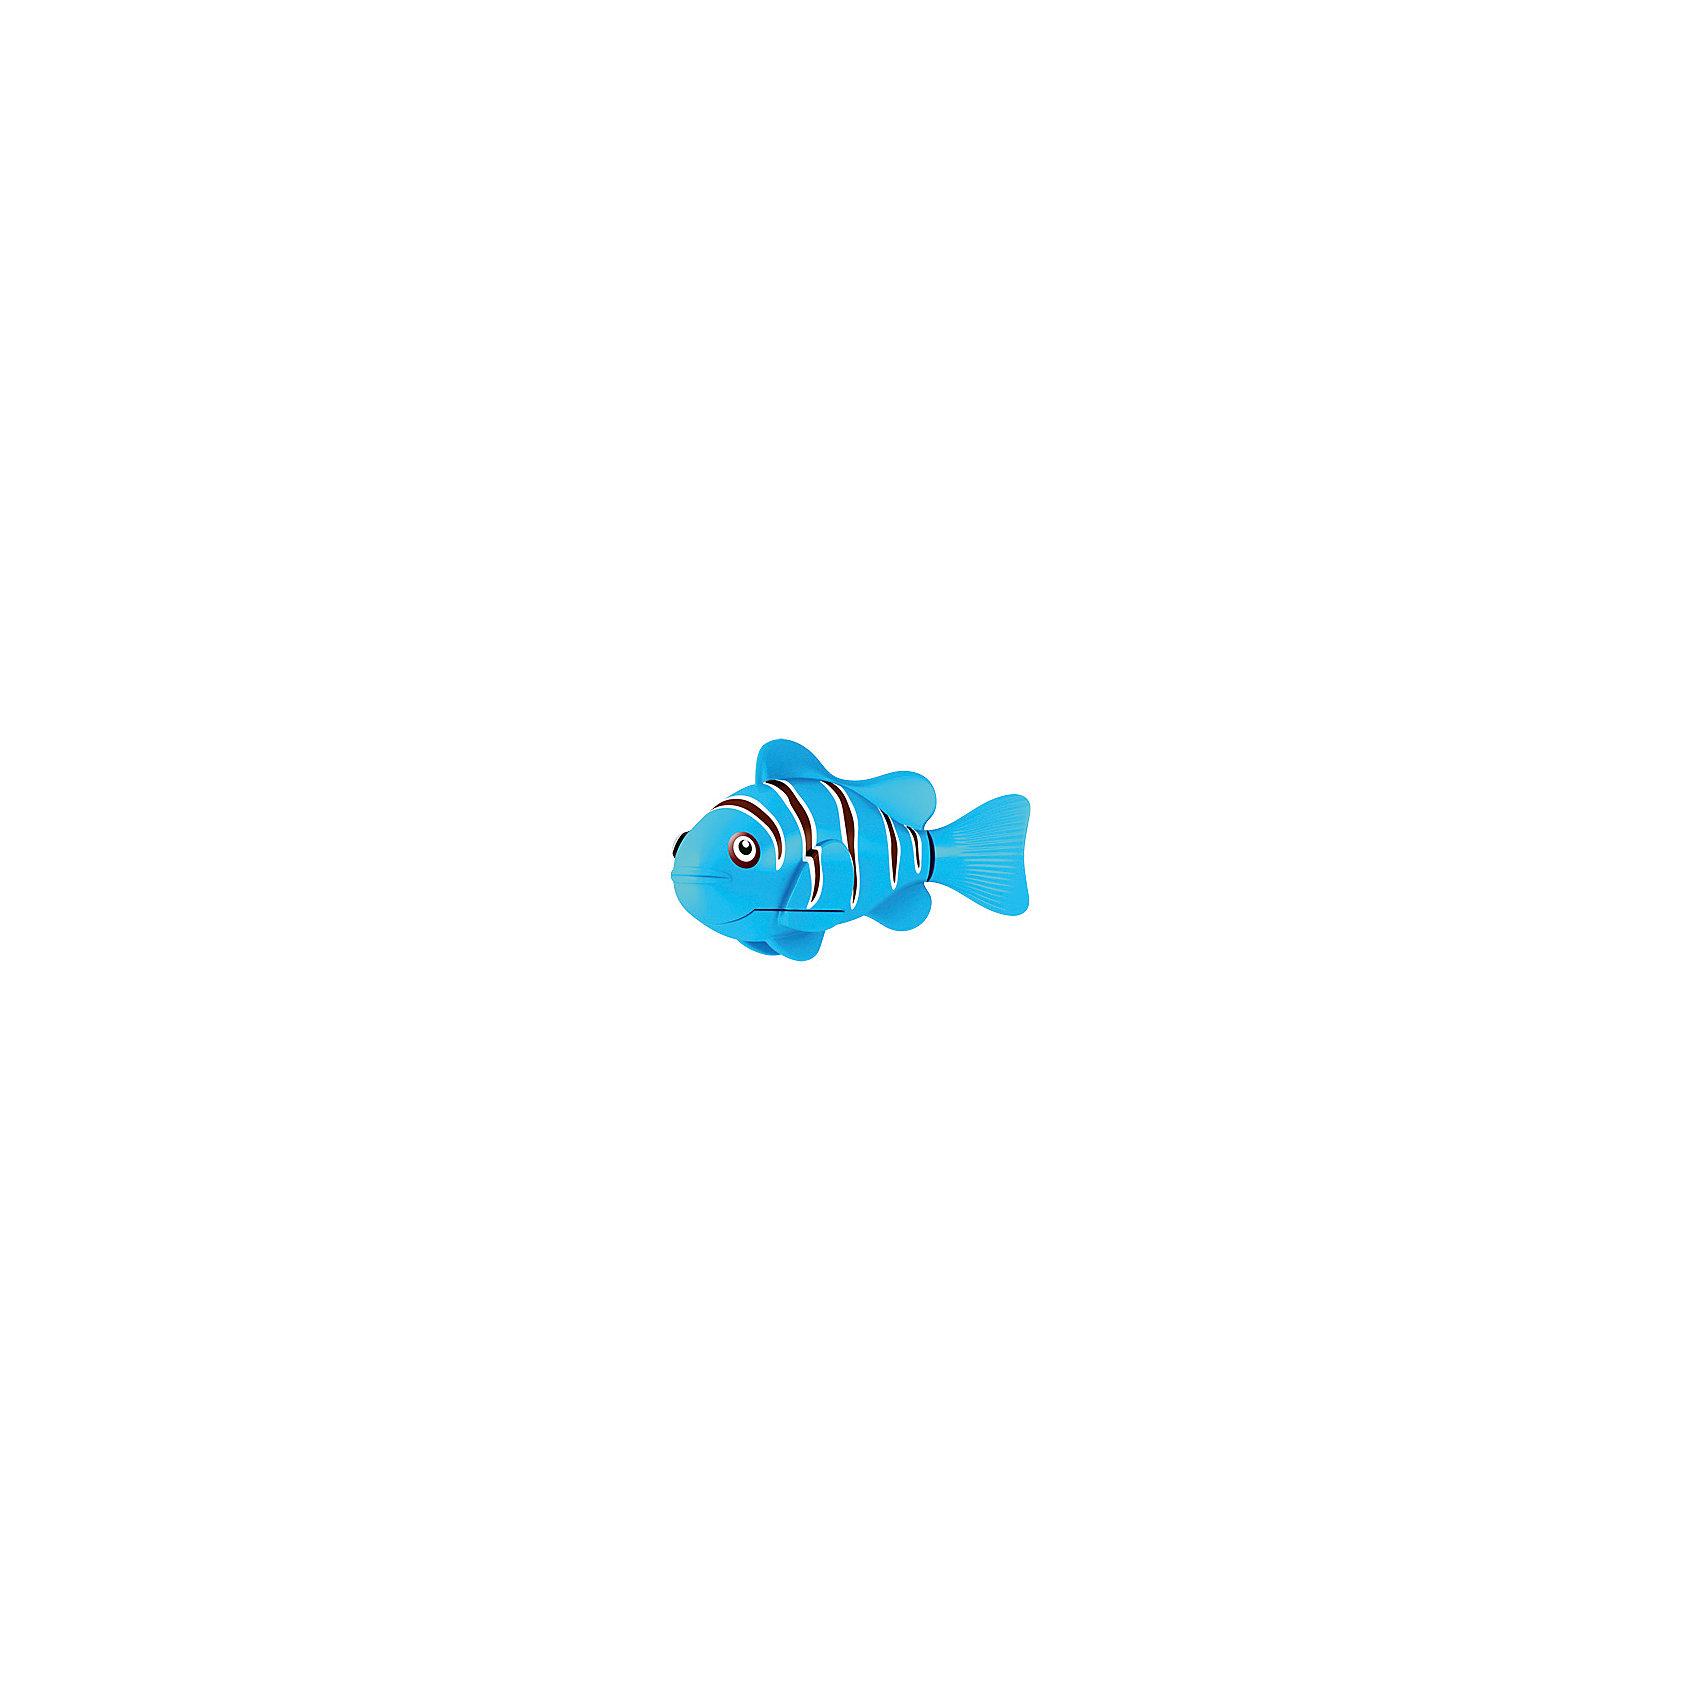 РобоРыбка Клоун голубая, RoboFishРоборыбки<br>Голубая Рыбка клоун при погружении в аквариум или другою емкостью с водой РобоРыбка начинает плавать – опускаясь ко дну и поднимаясь к поверхности воды. Игрушка работает от двух алкалиновых батареек А76 или RL44, которые входят в комплект (две установлены в игрушку и 2 запасные)<br><br>Ширина мм: 435<br>Глубина мм: 405<br>Высота мм: 240<br>Вес г: 216<br>Возраст от месяцев: 60<br>Возраст до месяцев: 144<br>Пол: Унисекс<br>Возраст: Детский<br>SKU: 2999505